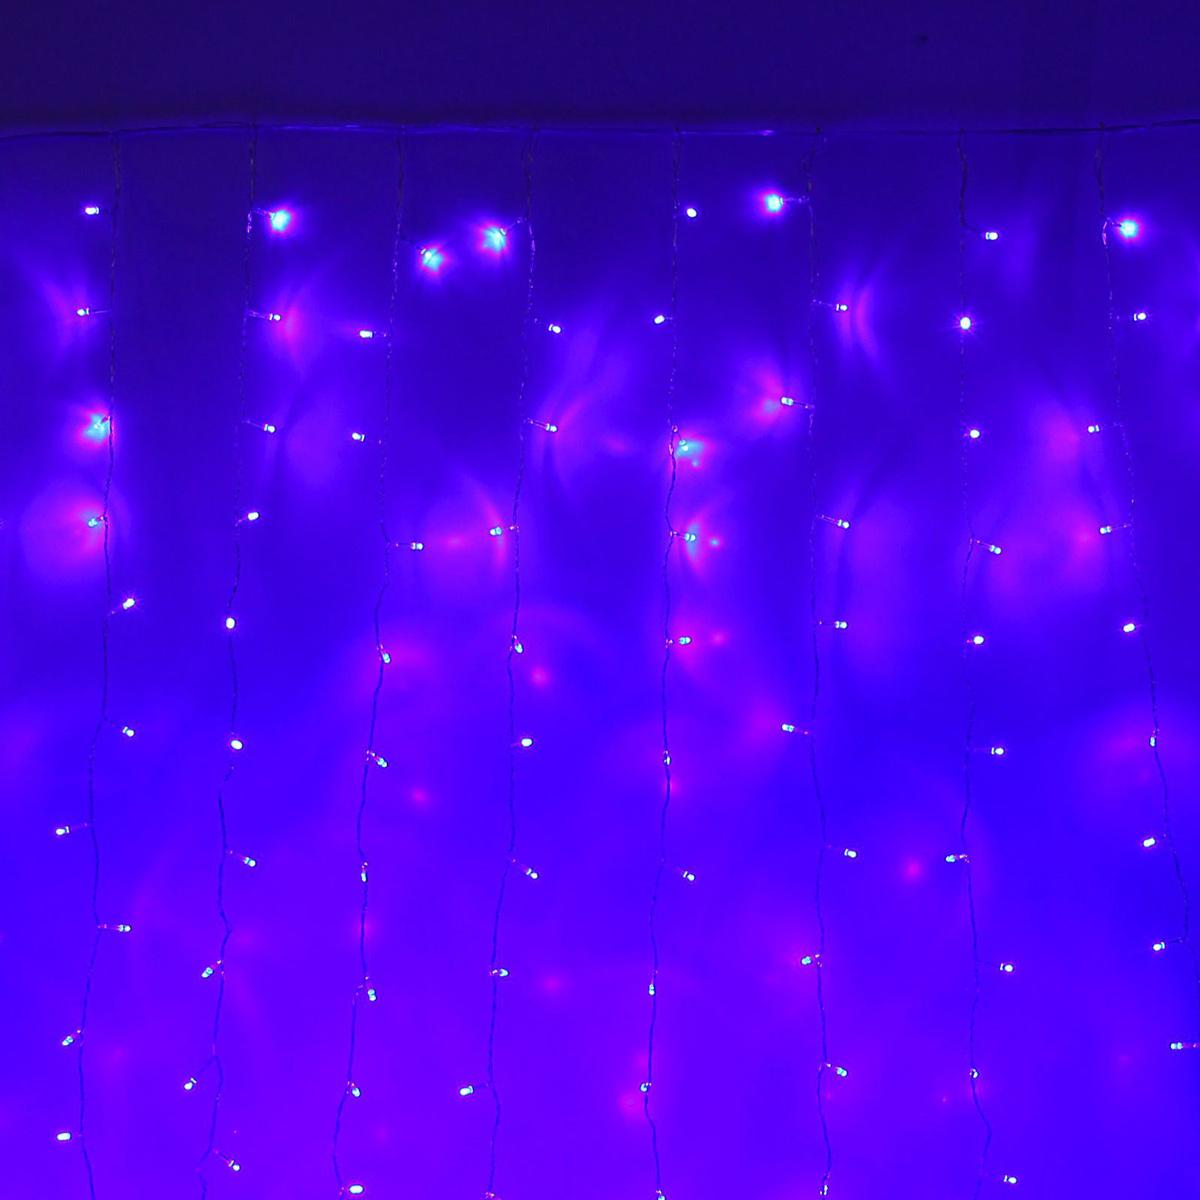 Гирлянда светодиодная Luazon Занавес, цвет: синий, 720 ламп, 8 режимов, 220 V, 2 х 3 м. 10804721080472Светодиодные гирлянды и ленты — это отличный вариант для новогоднего оформления интерьера или фасада. С их помощью помещение любого размера можно превратить в праздничный зал, а внешние элементы зданий, украшенные ими, мгновенно станут напоминать очертания сказочного дворца. Такие украшения создают ауру предвкушения чуда. Деревья, фасады, витрины, окна и арки будто специально созданы, чтобы вы украсили их светящимися нитями.